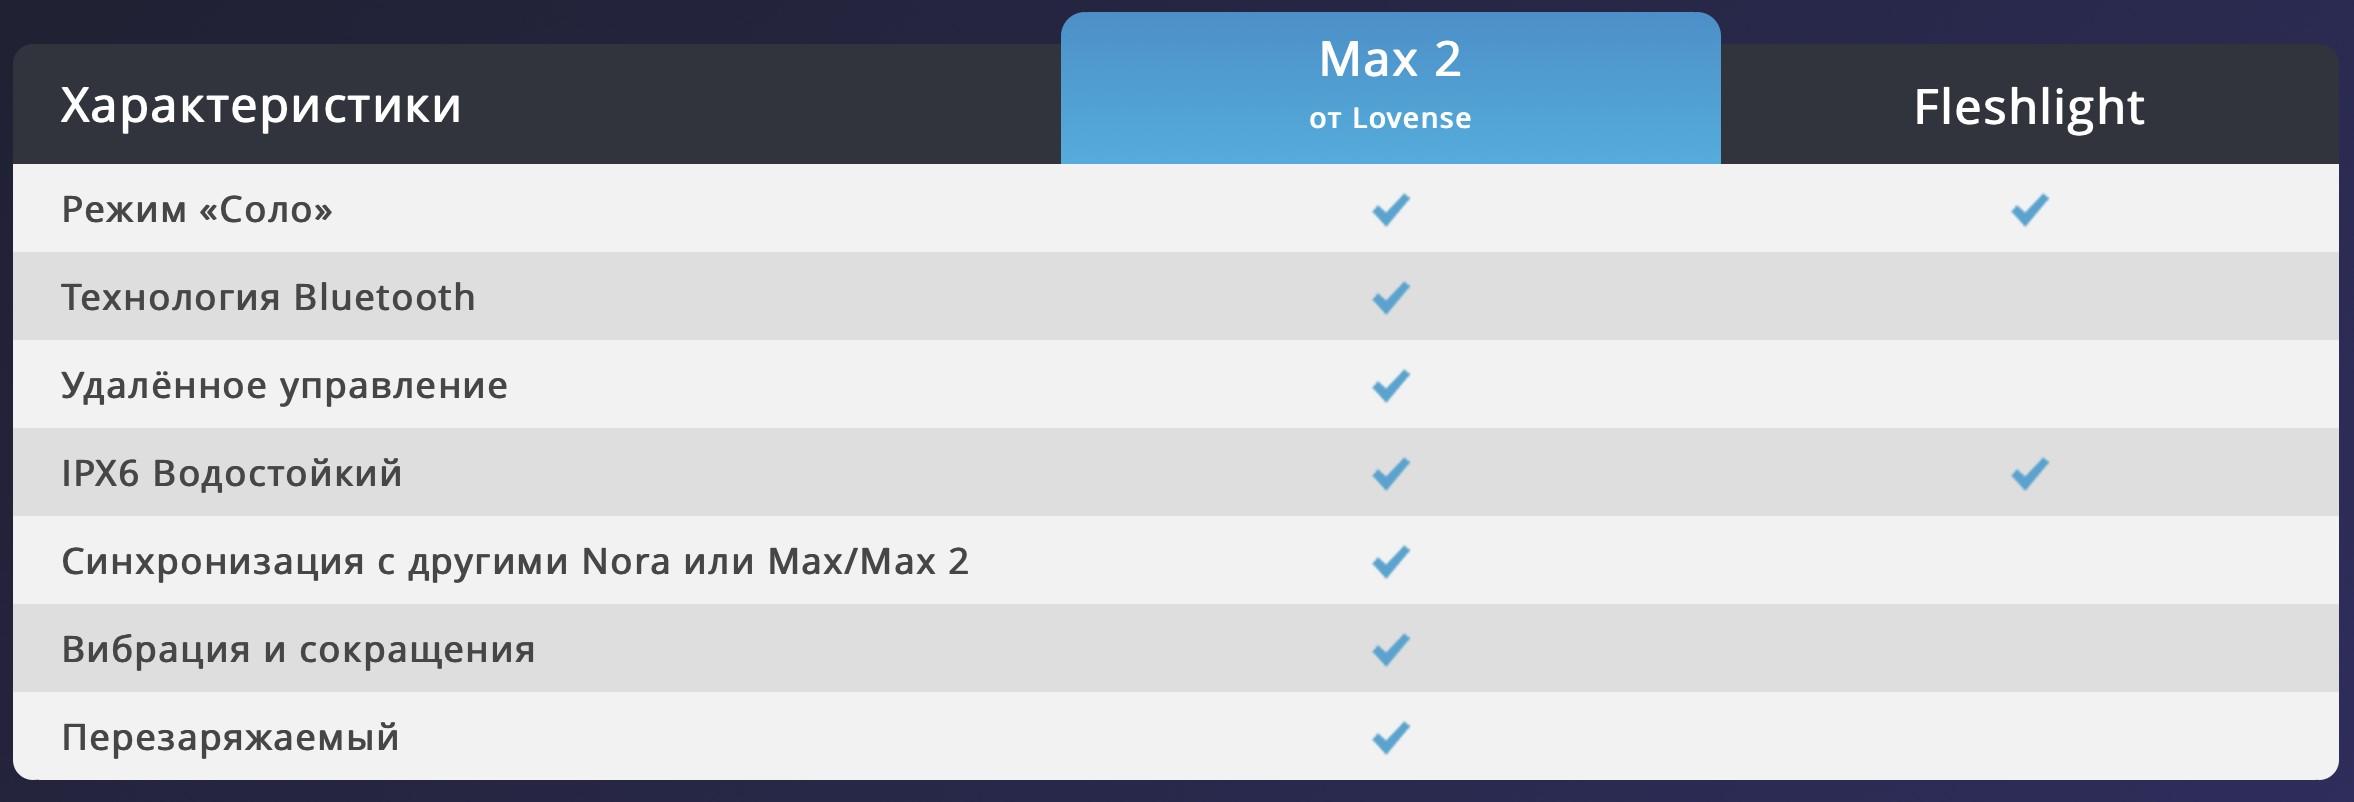 Сравнение Max 2 с другими мастурбаторами